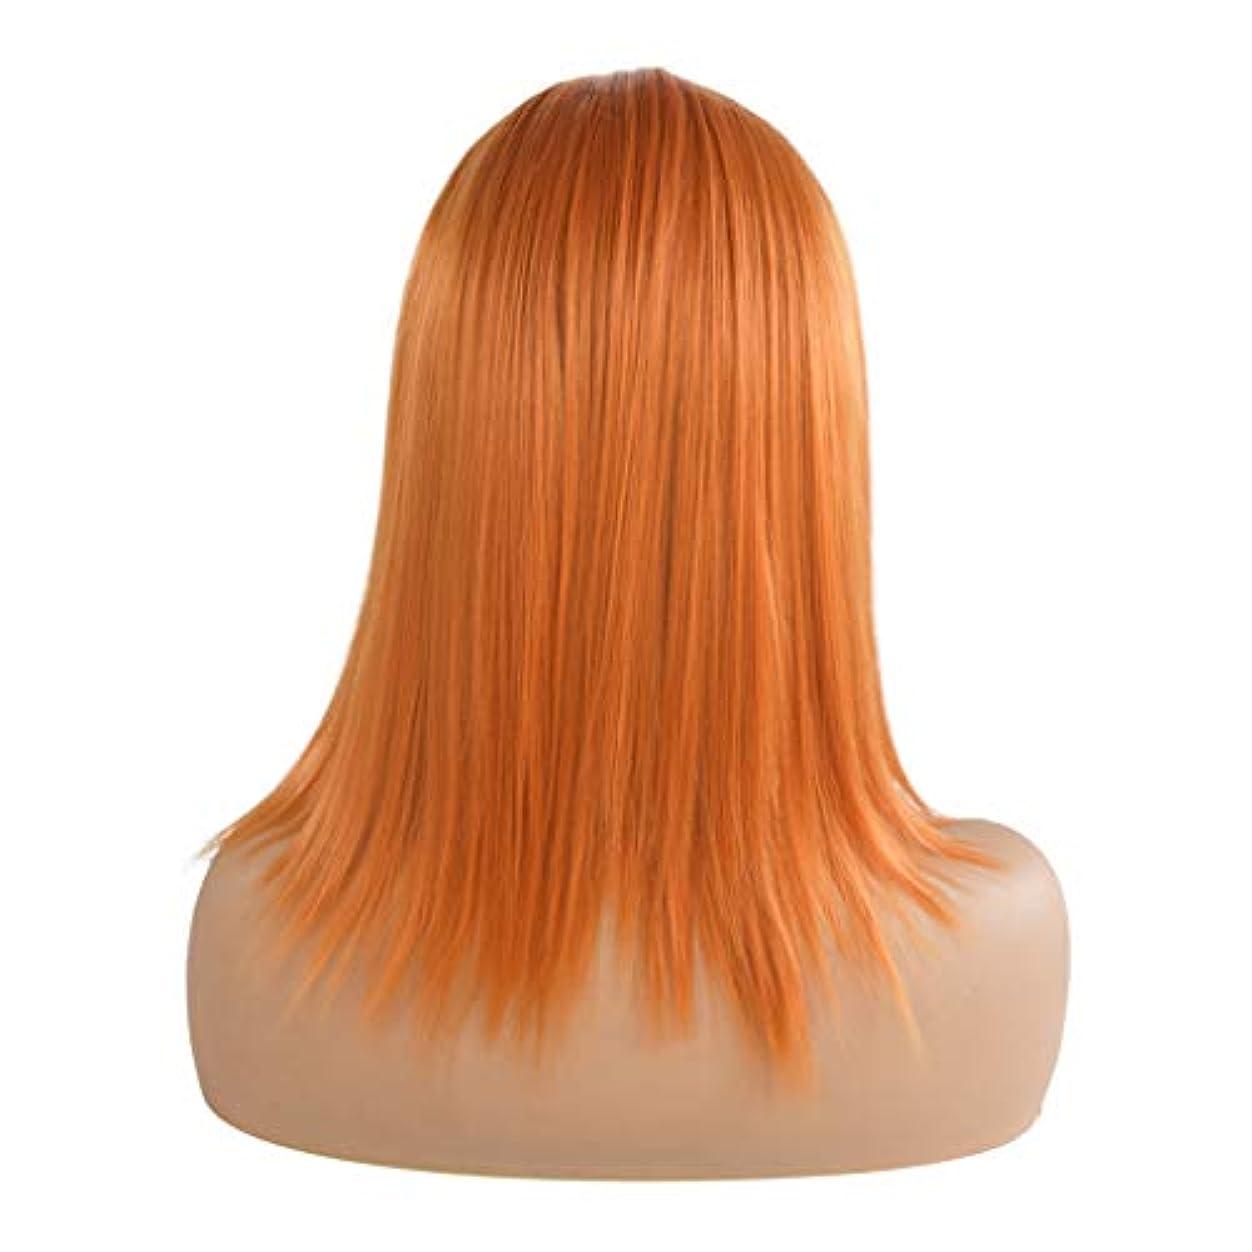 までコンテンツナインへウィッグオレンジショートストレートヘアフロントレースファッションウィッグ18インチ